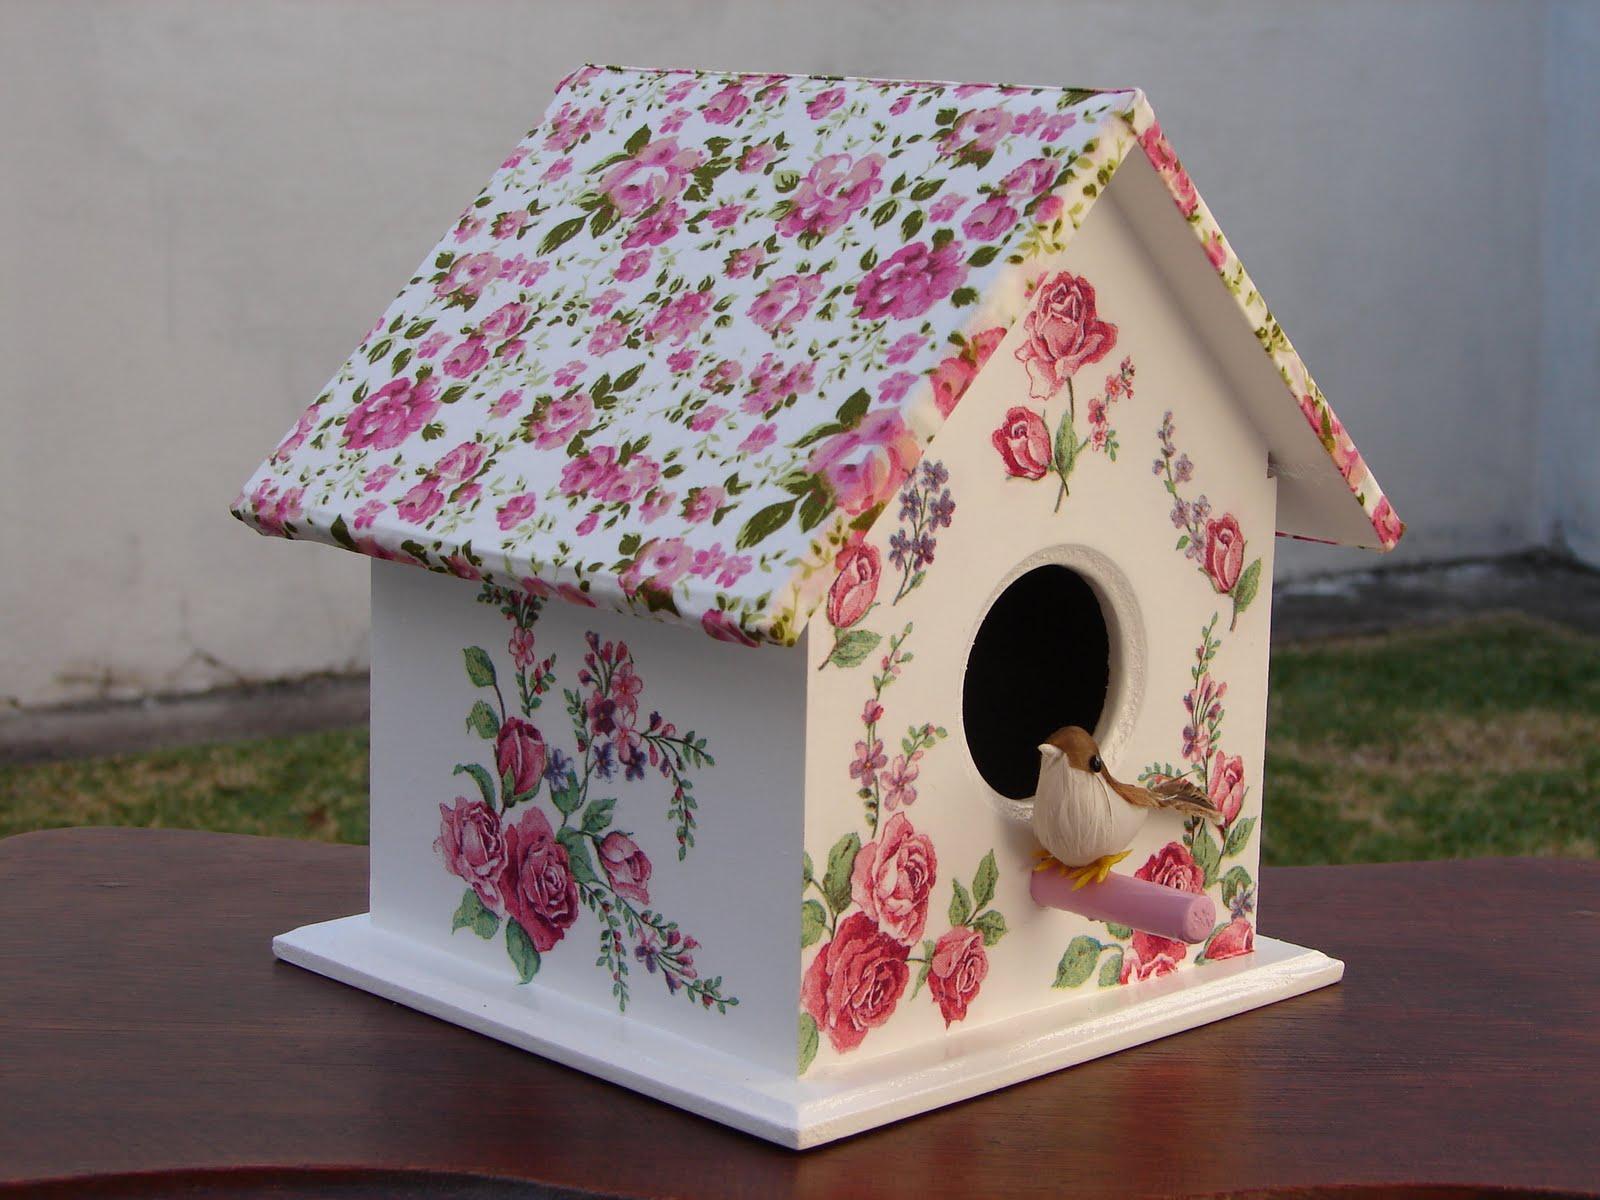 Bell'Arte Arte em madeira e tecido: Casinha de Passarinho Floral  #874464 1600x1200